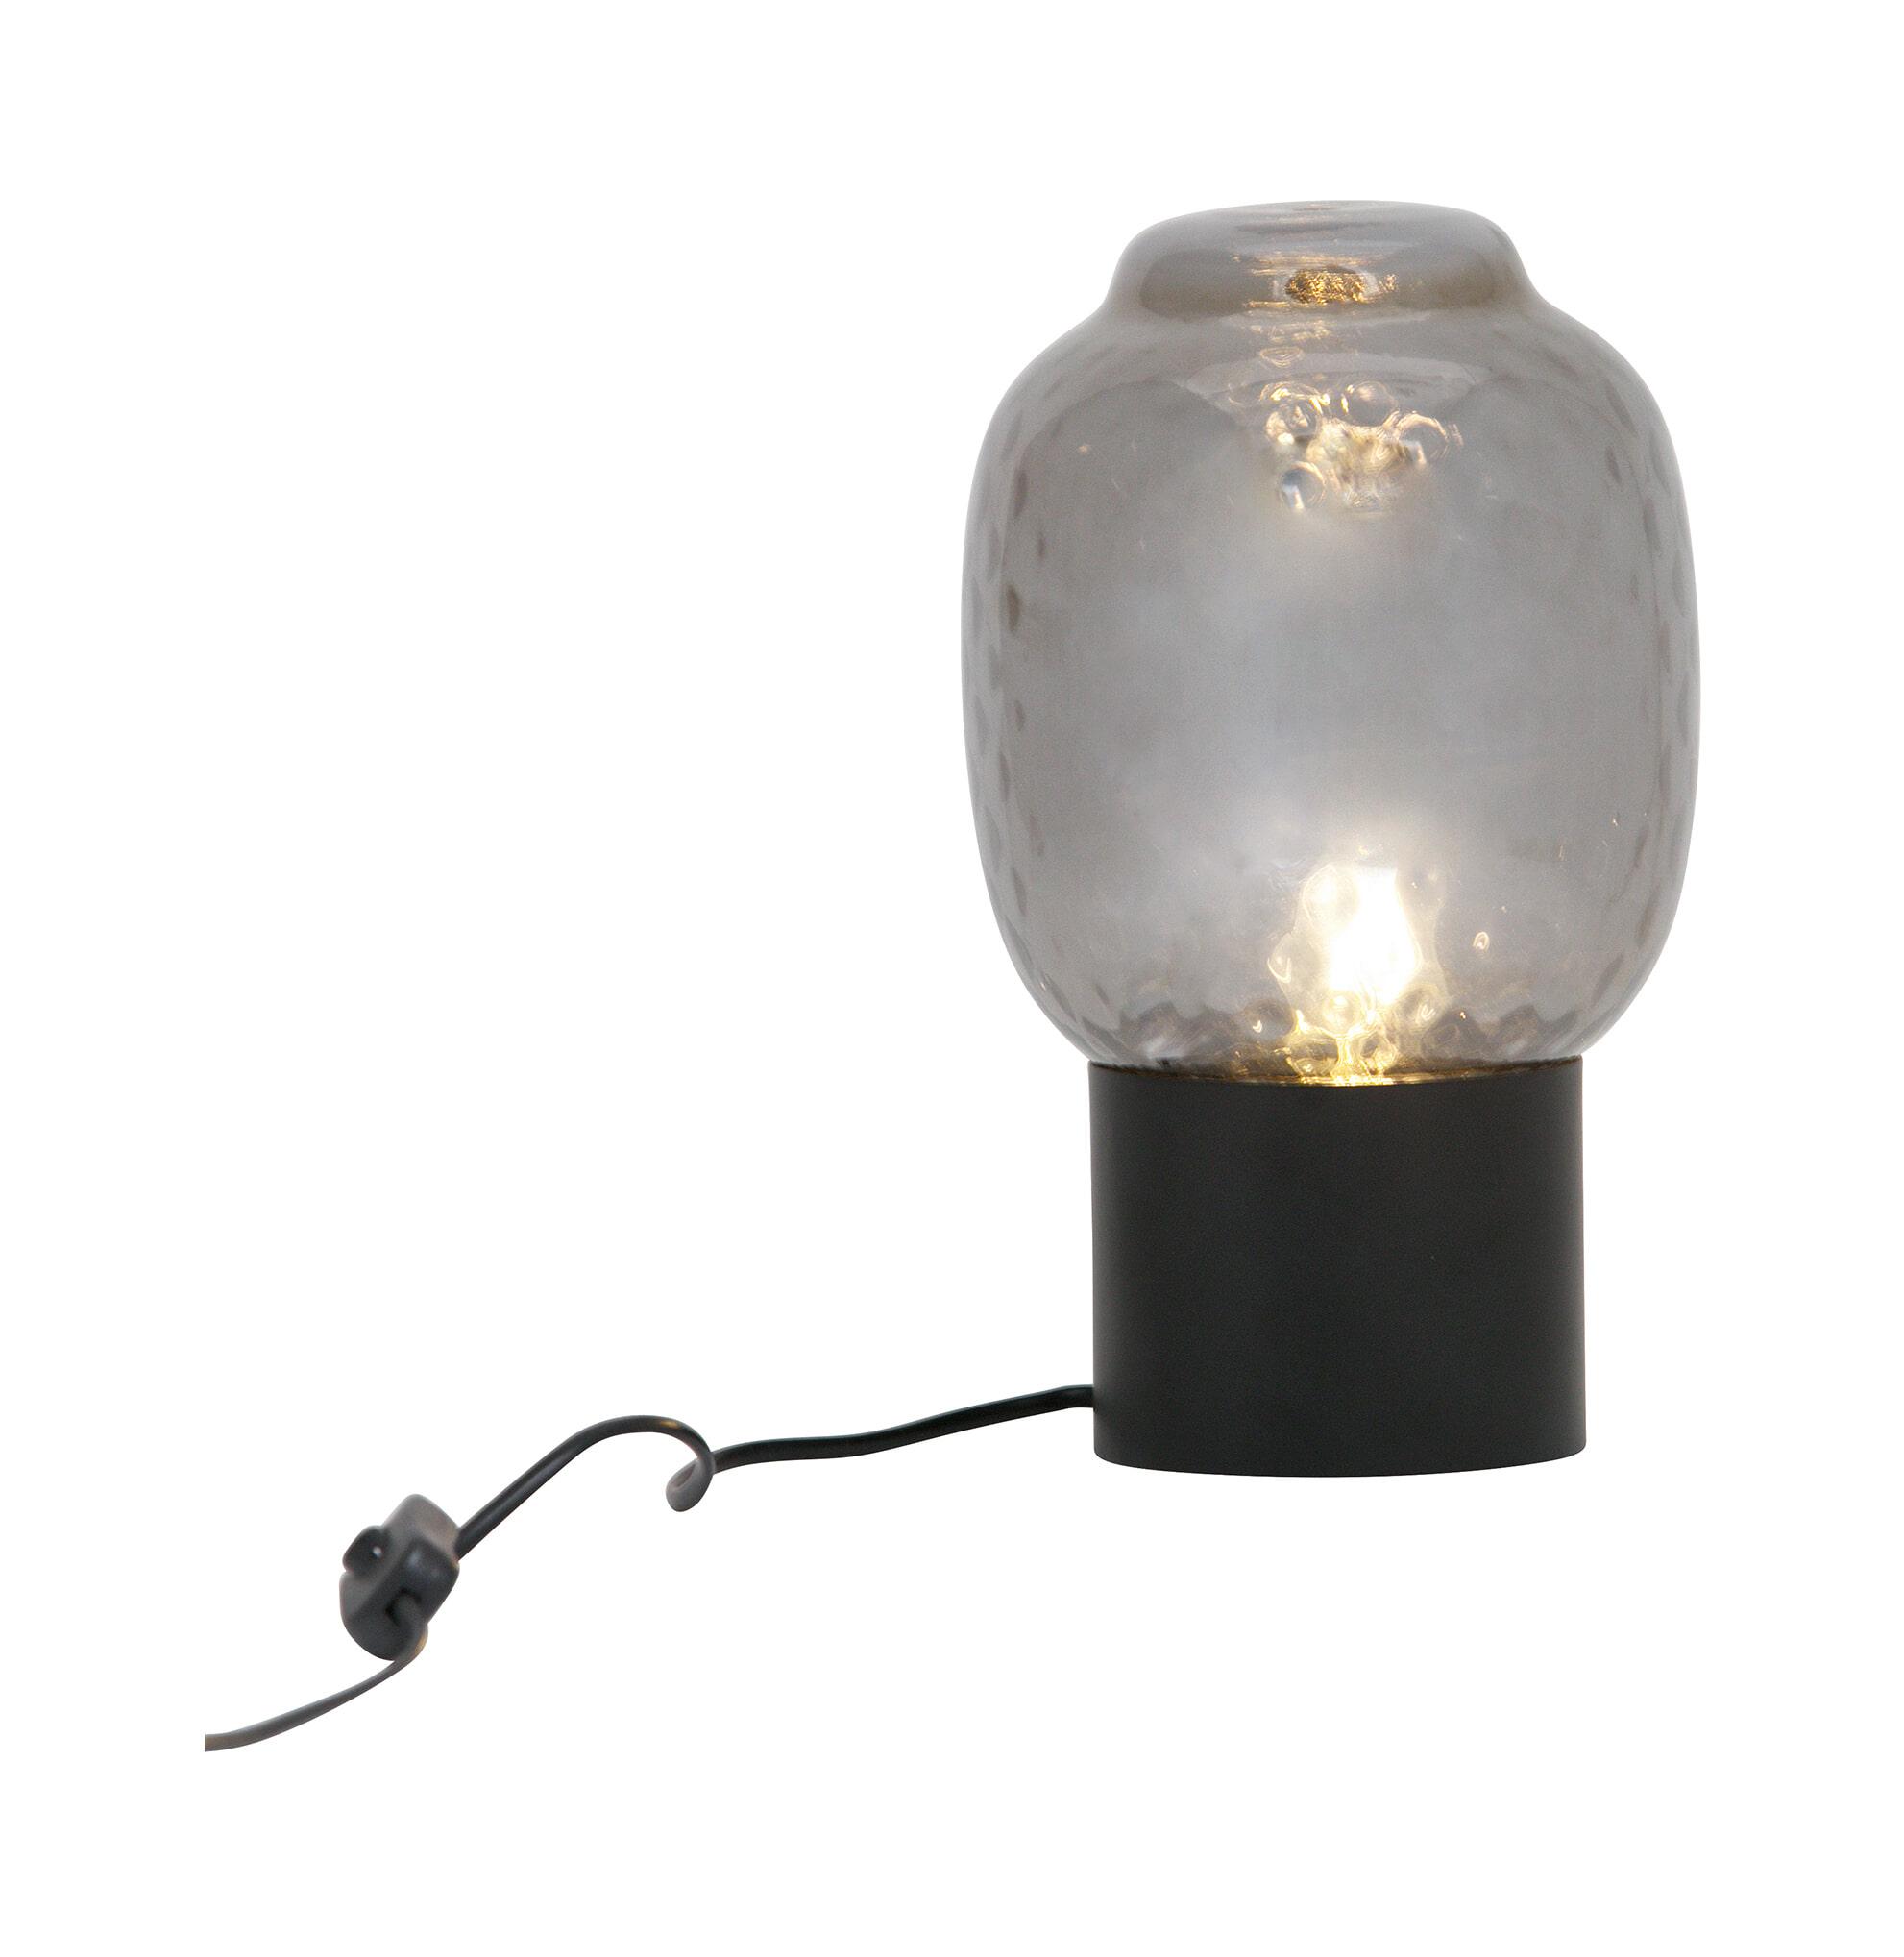 BePureHome Tafellamp 'Bubble' 29cm, kleur Zwart Metaal met glas aanschaffen? Kijk hier!